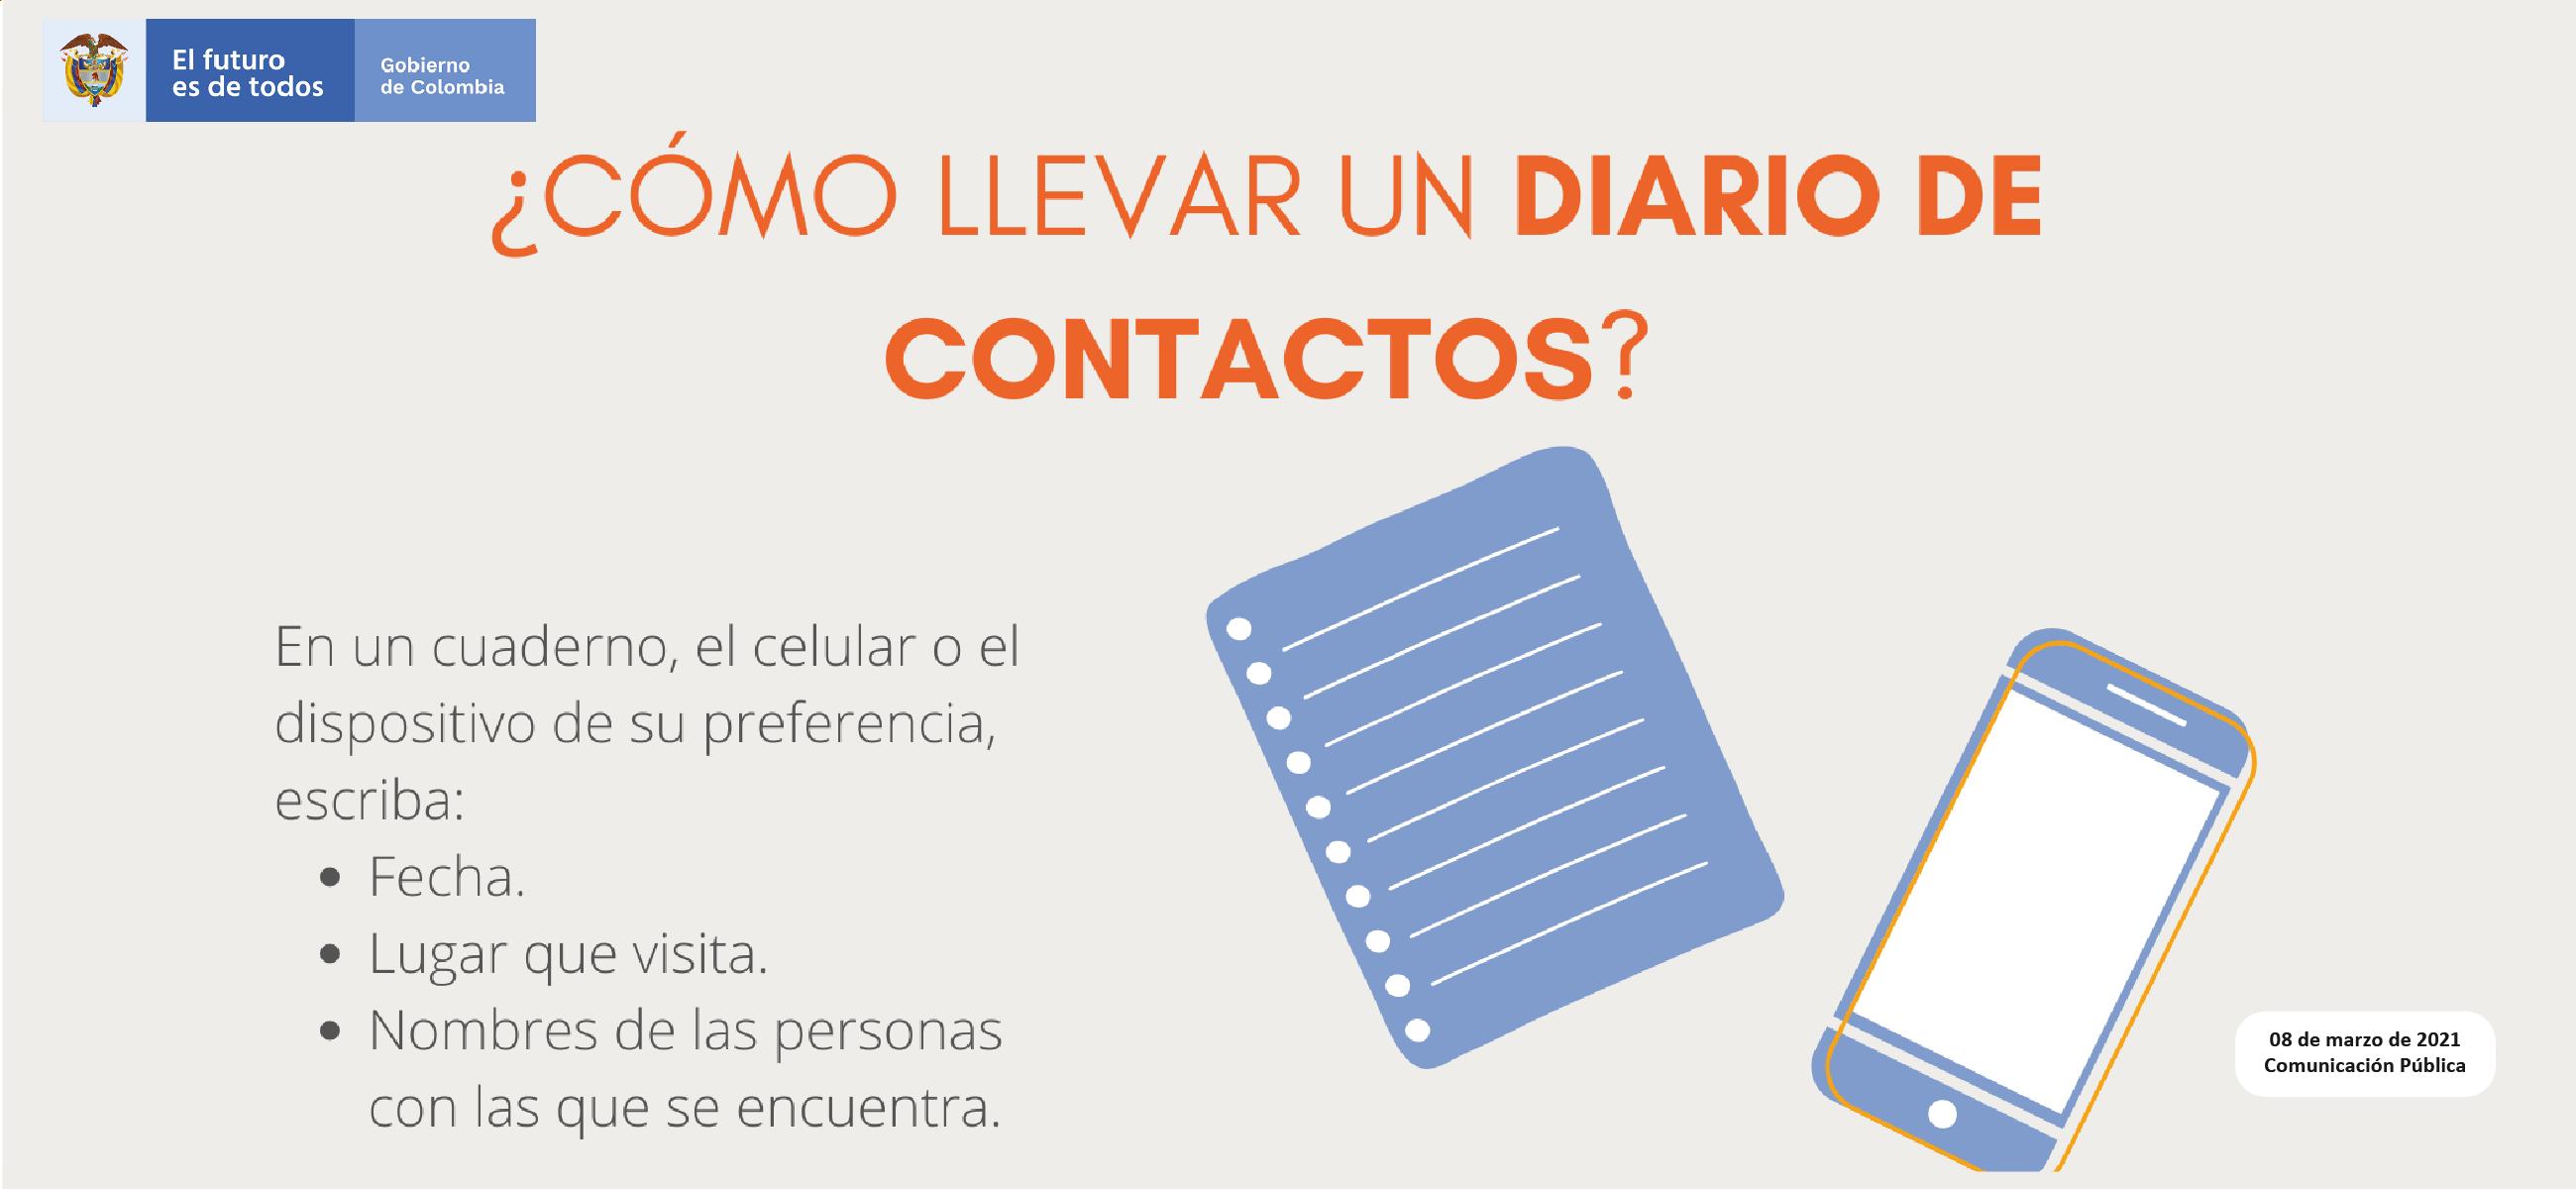 Diario de contactos